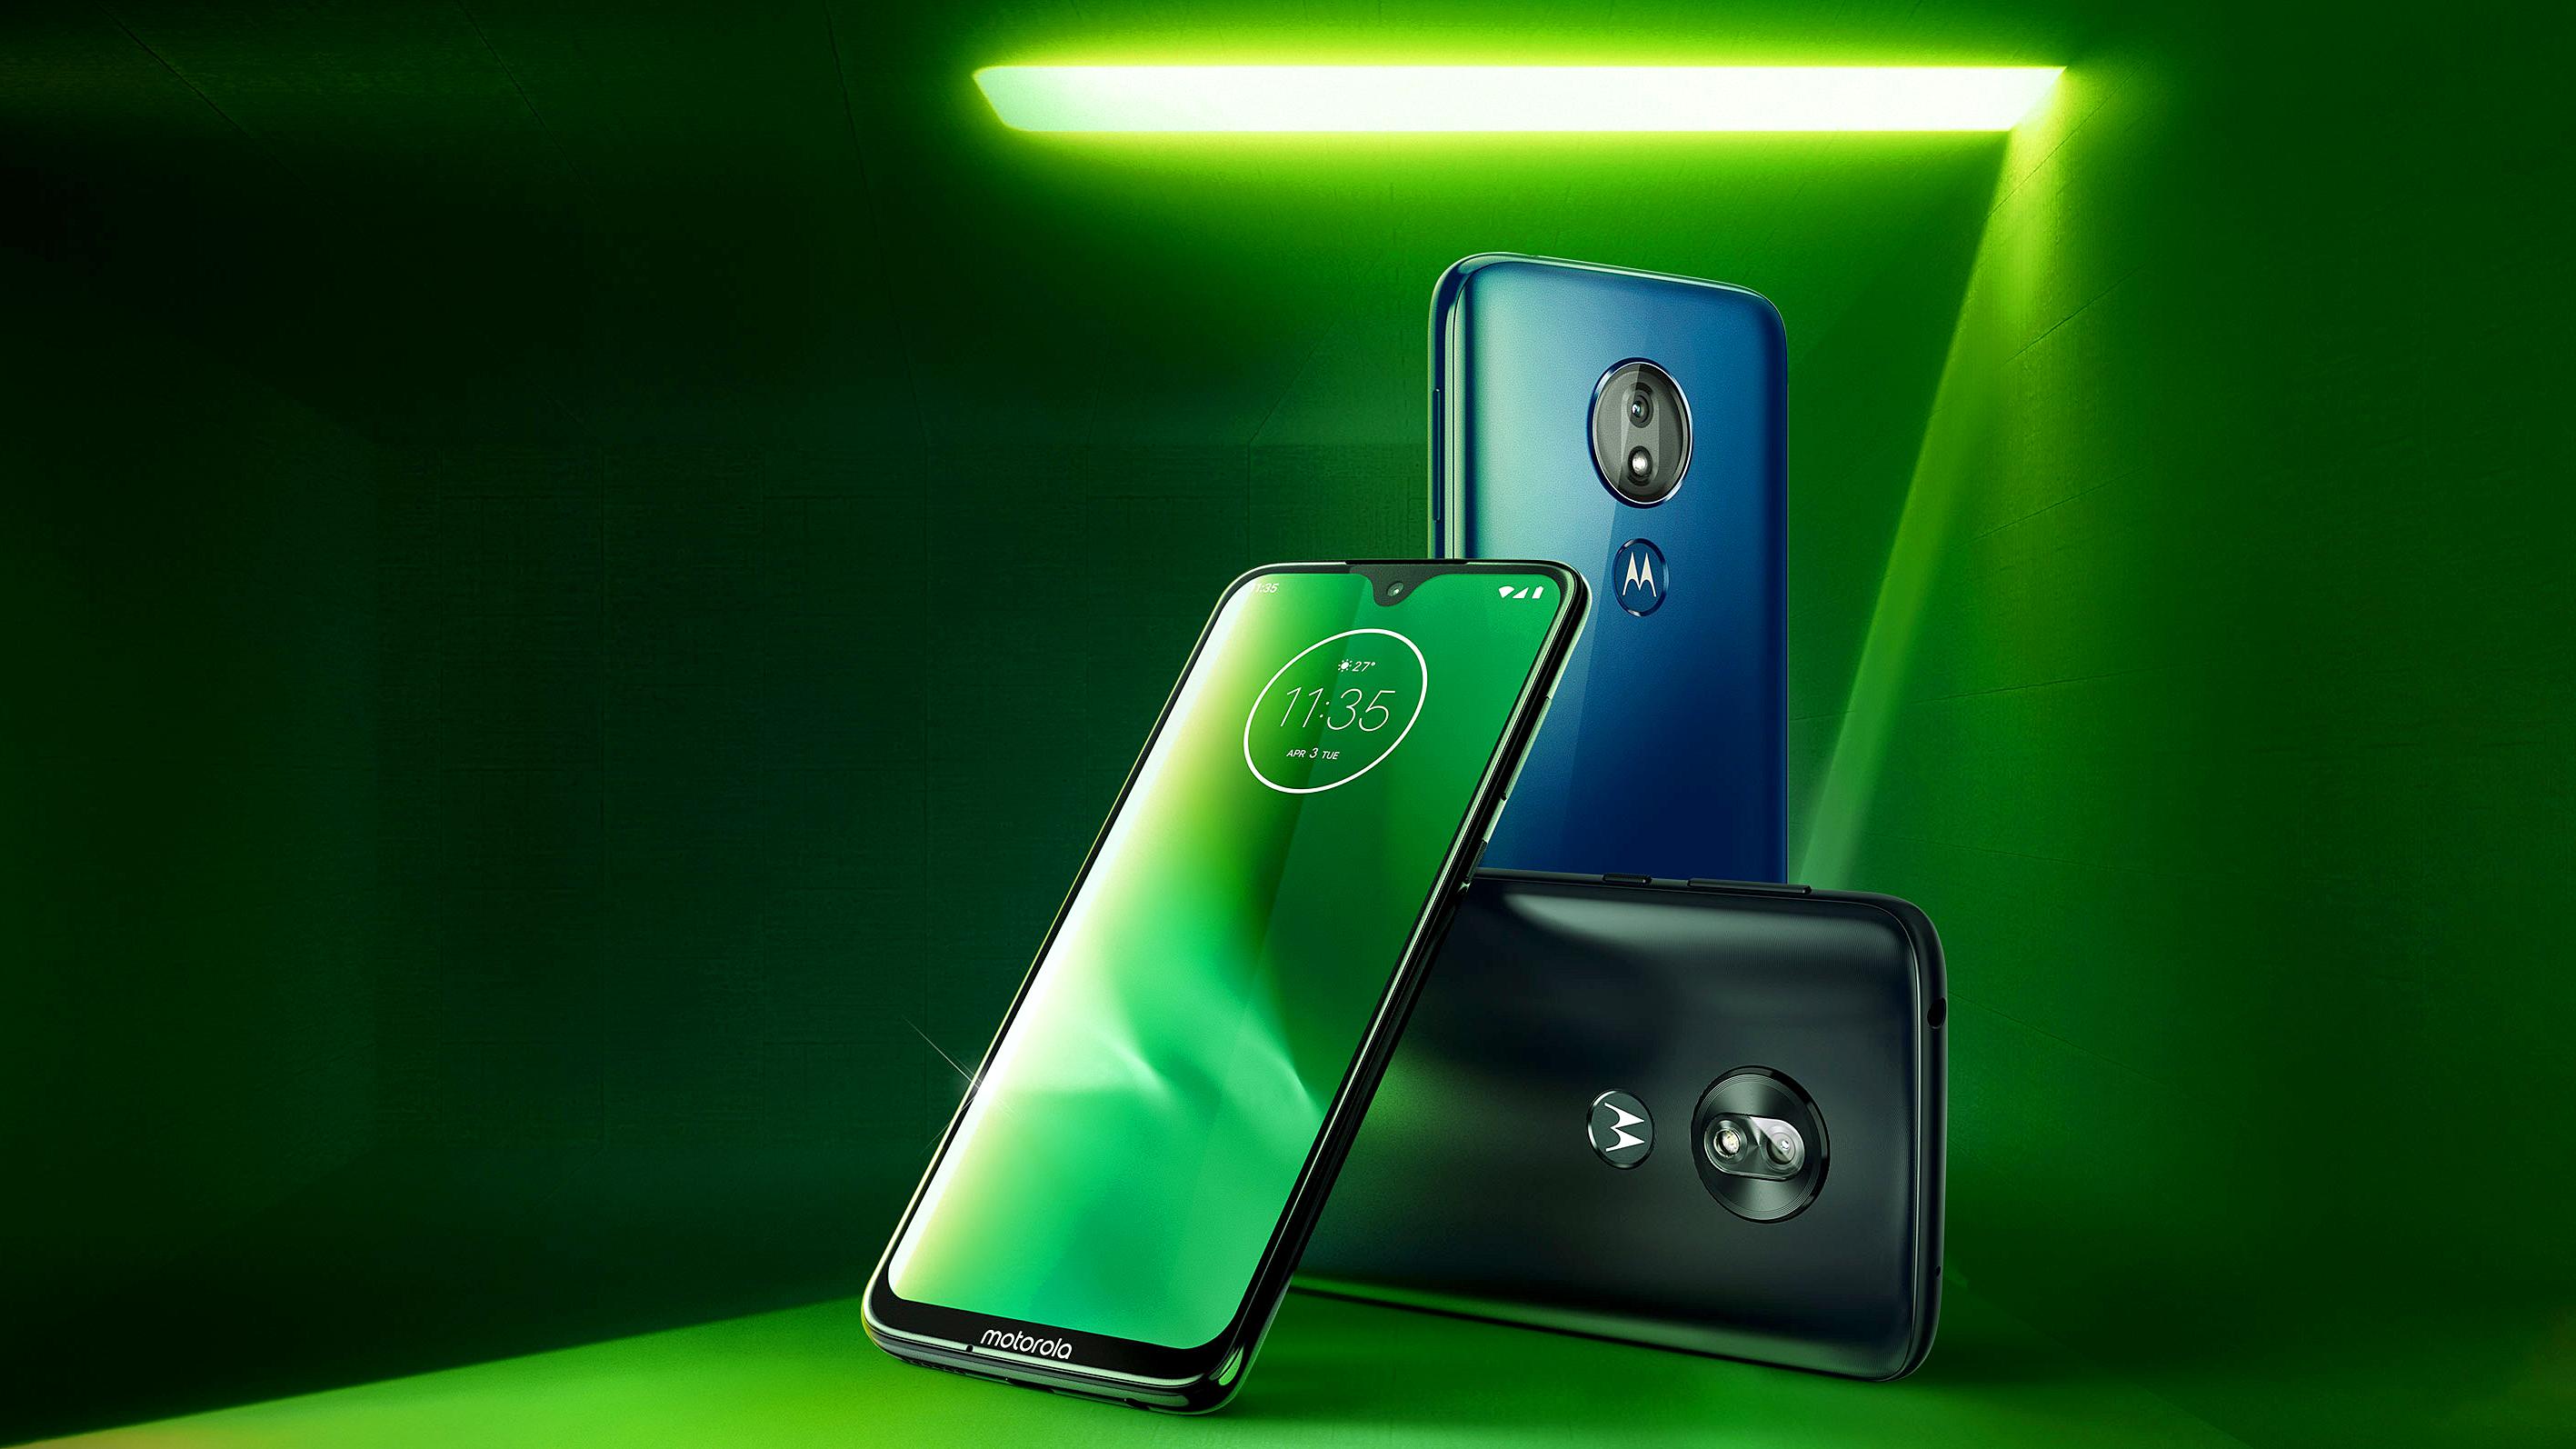 Удалось: впервый раз смомента покупки Motorola мобильный бизнес Lenovo принёс прибыль